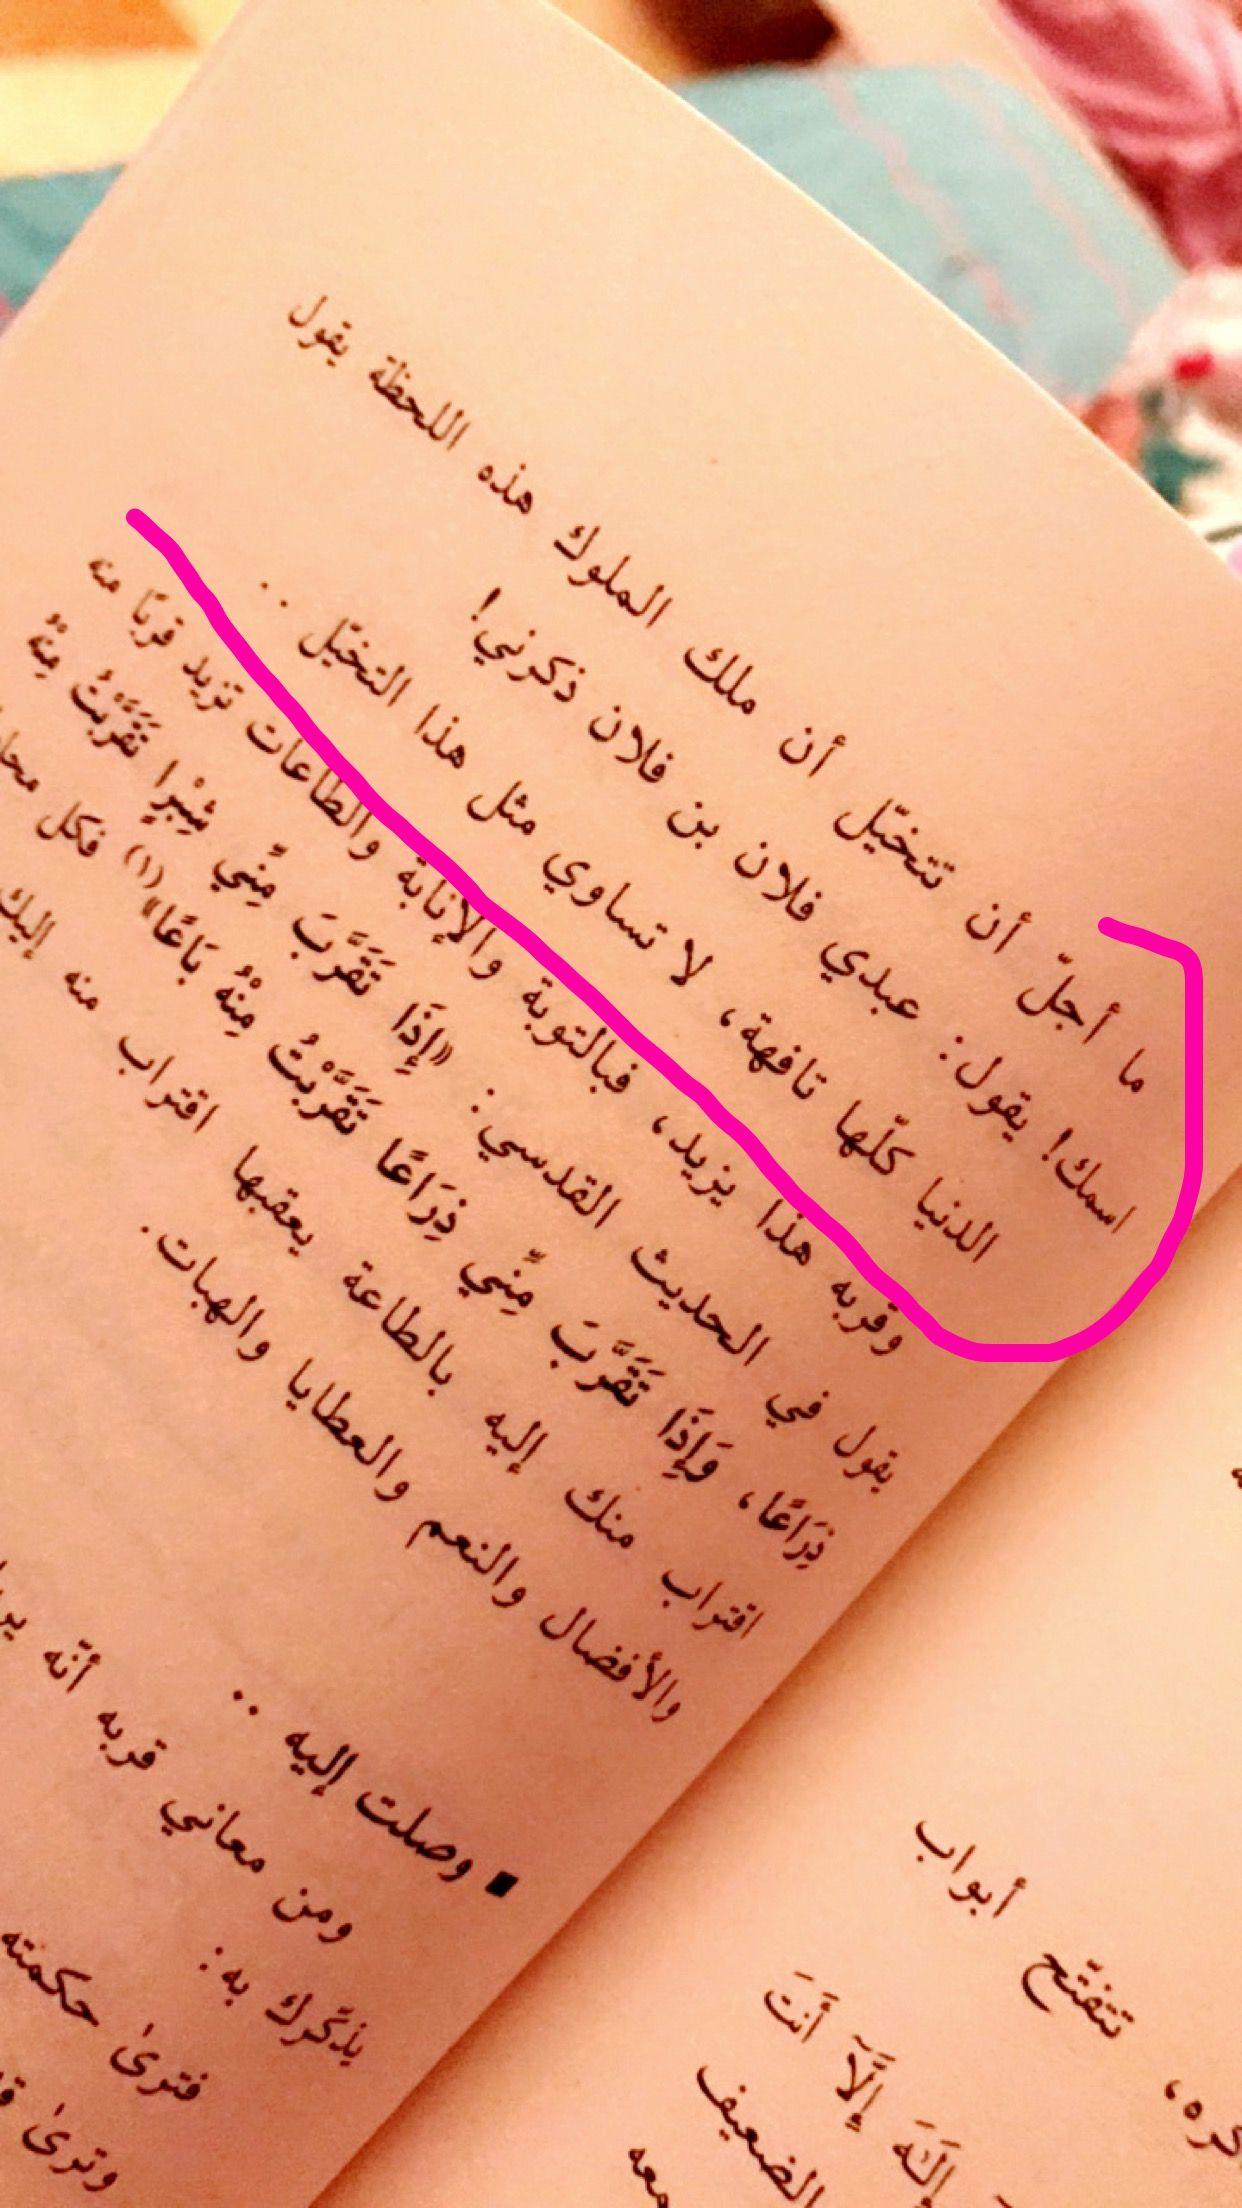 لأنك الله علي بن جابر الفيفي Quotes Sheet Music Calligraphy